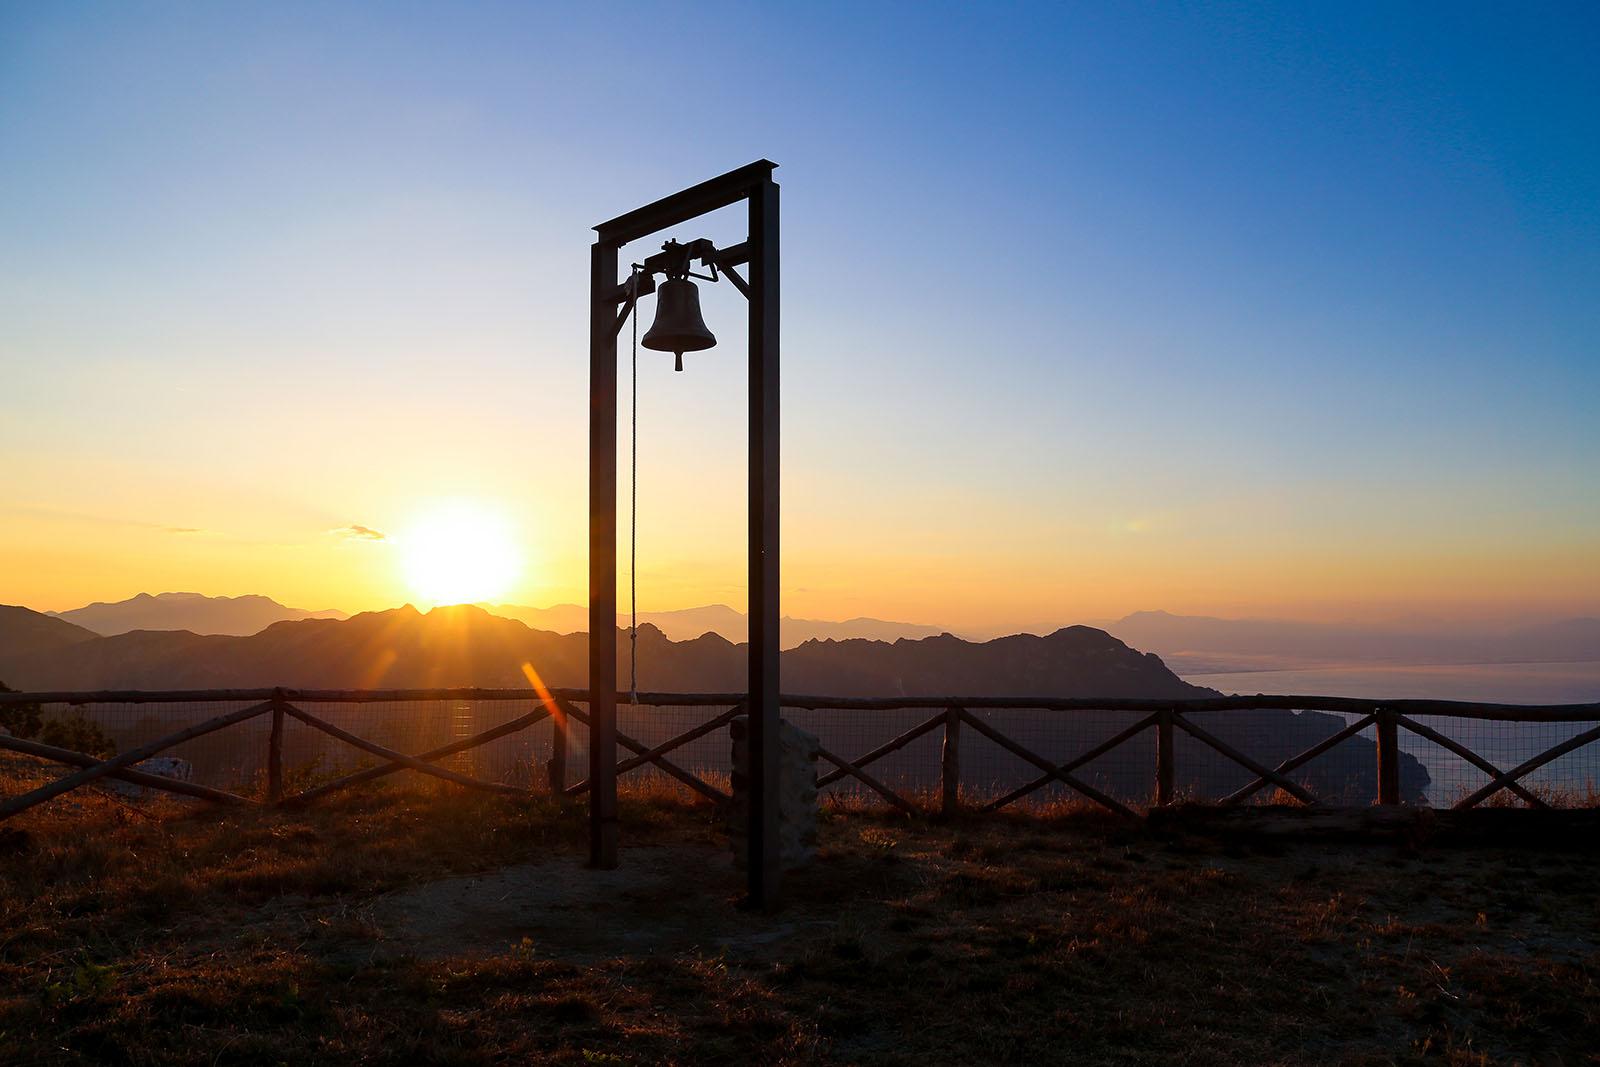 e ammirare l'alba